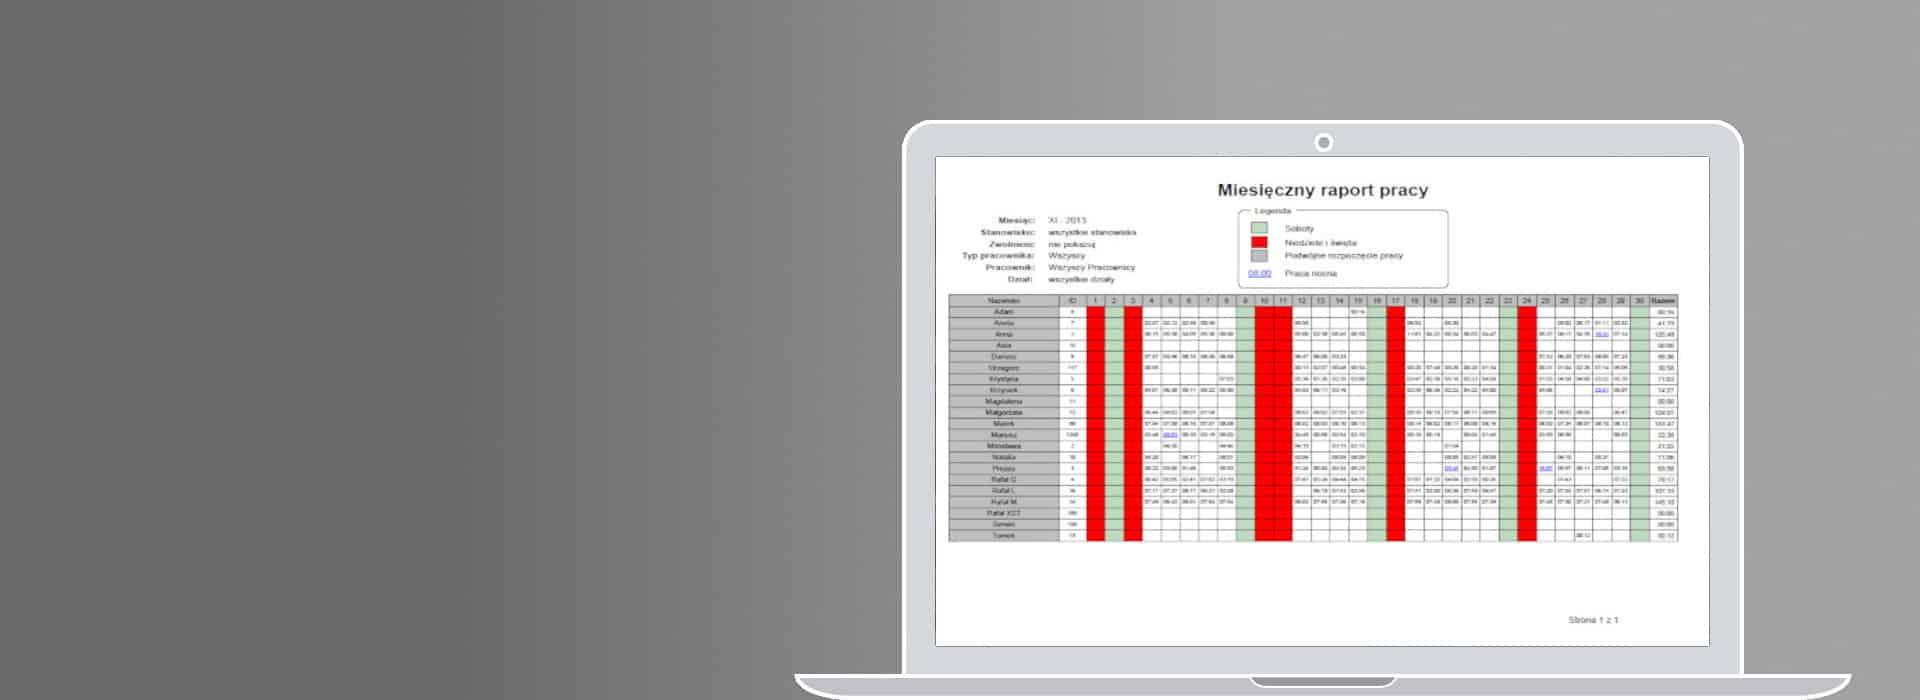 BioRCP Rejestracja czasu pracy